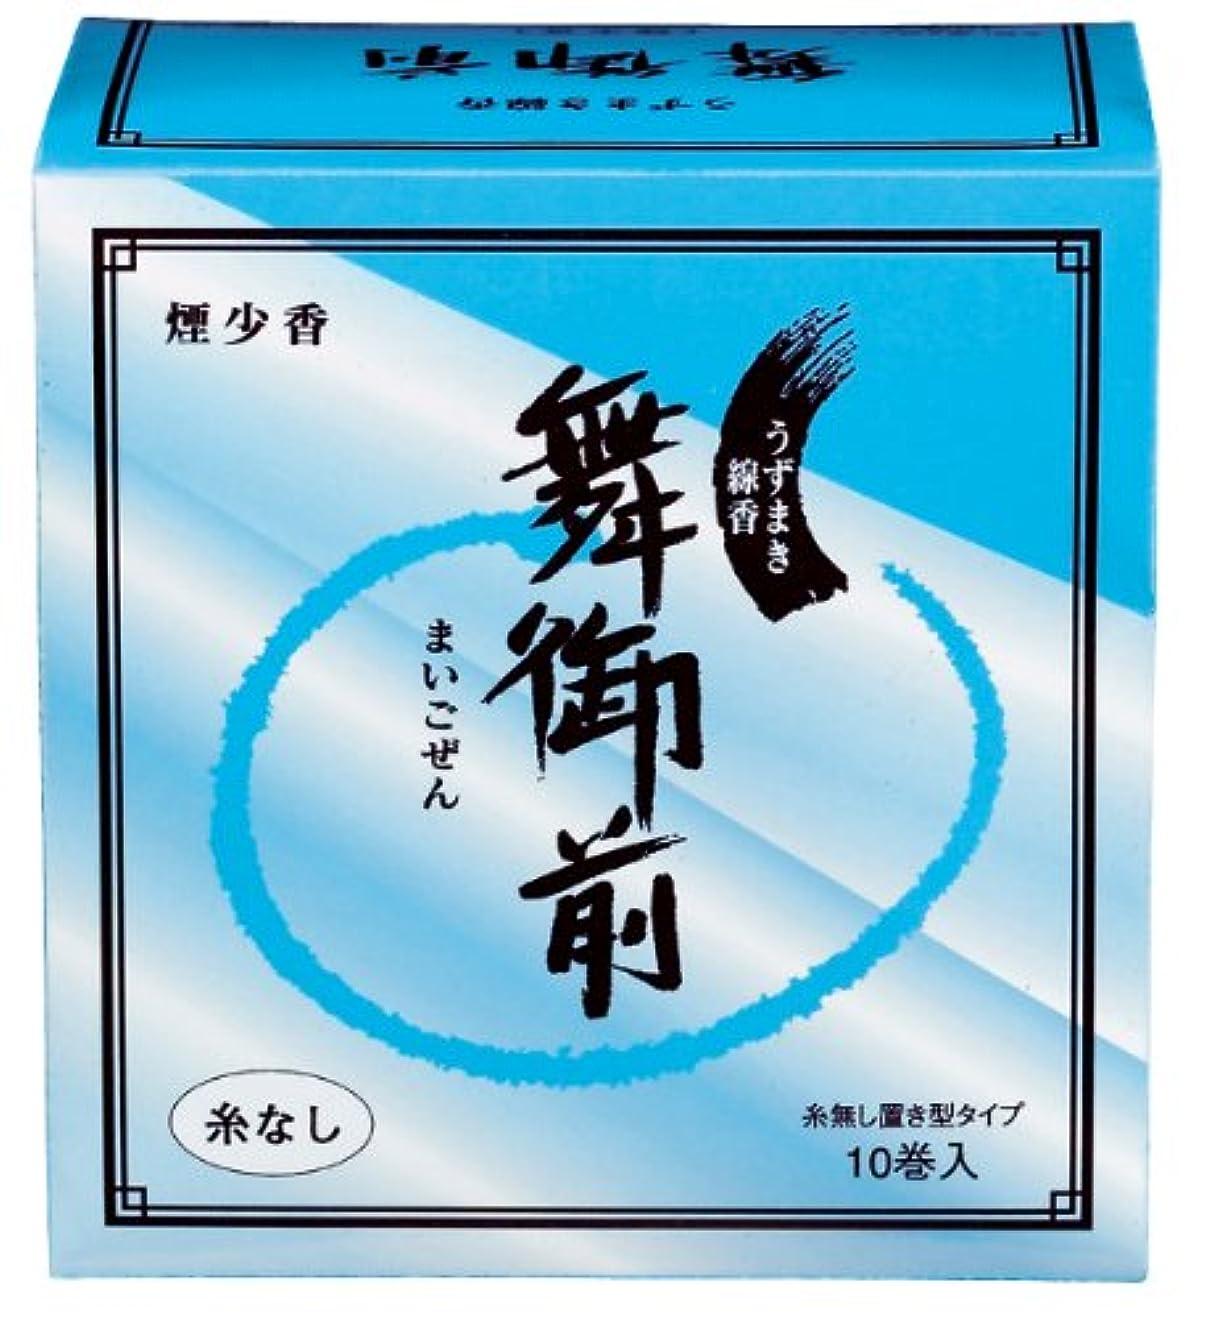 リーダーシップレキシコン契約するマルエス 舞御前 煙少香 うずまき線香 10巻 糸なし